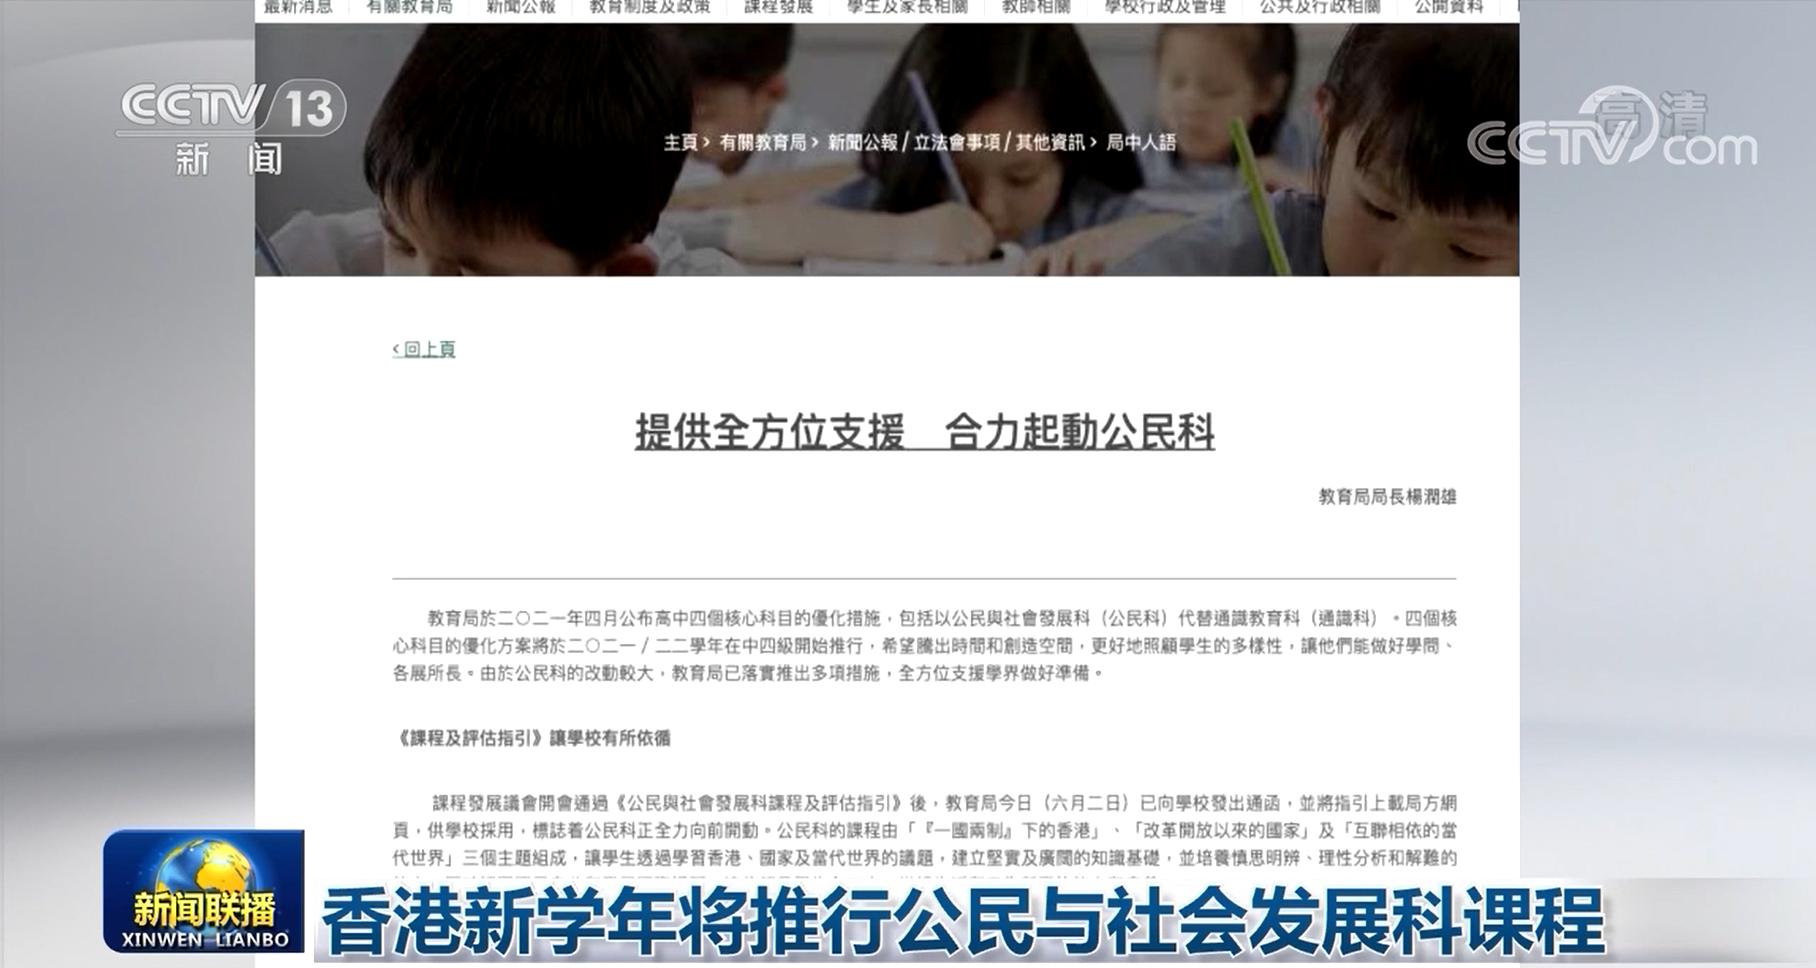 【杏悦】新杏悦学年将推行公民与社会发展图片